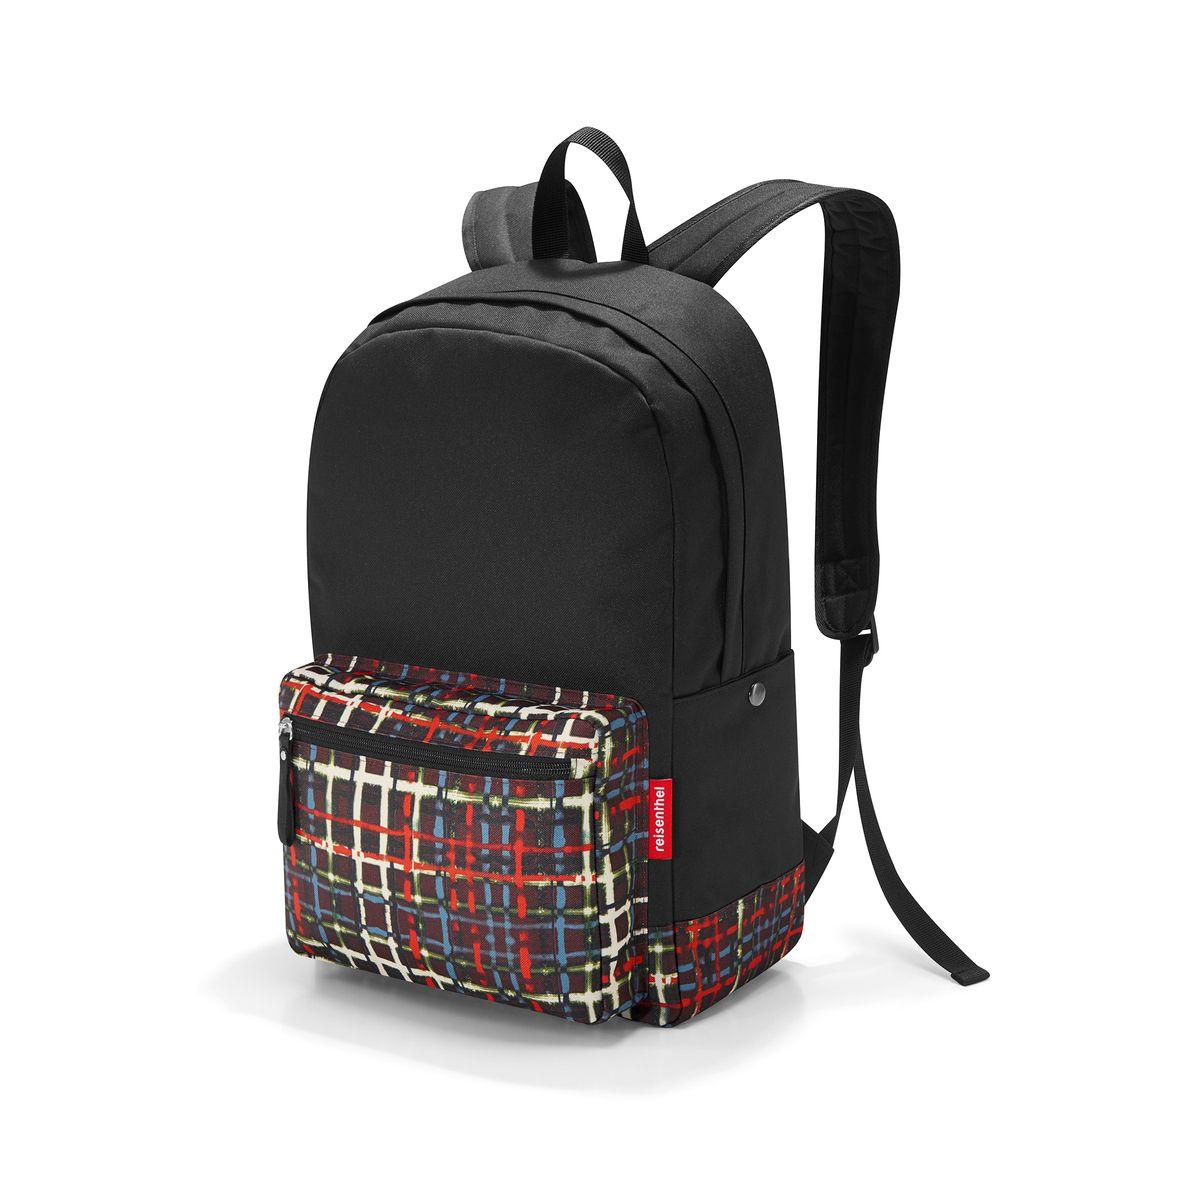 Рюкзак Reisenthel, цвет: черный, мультицвет. TA7036TA7036Практичный рюкзак Reisenthel выполнен из полиэстера и оформлен ярким принтом. Изделие содержит одно вместительное отделение, которое закрывается на застежку-молнию. Внутри расположен накладной карман и врезной карман на молнии. Снаружи, на лицевой стороне рюкзака, расположен накладной карман на молнии. По бокам изделия расположены два дополнительных накладных кармана, которые закрываются на кнопки. Рюкзак дополнен петлей для подвешивания и двумя широкими лямками, длина которых регулируется при помощи пряжек. Стильный рюкзак Reisenthel вместит в себя все необходимое и прекрасно дополнит ваш образ.